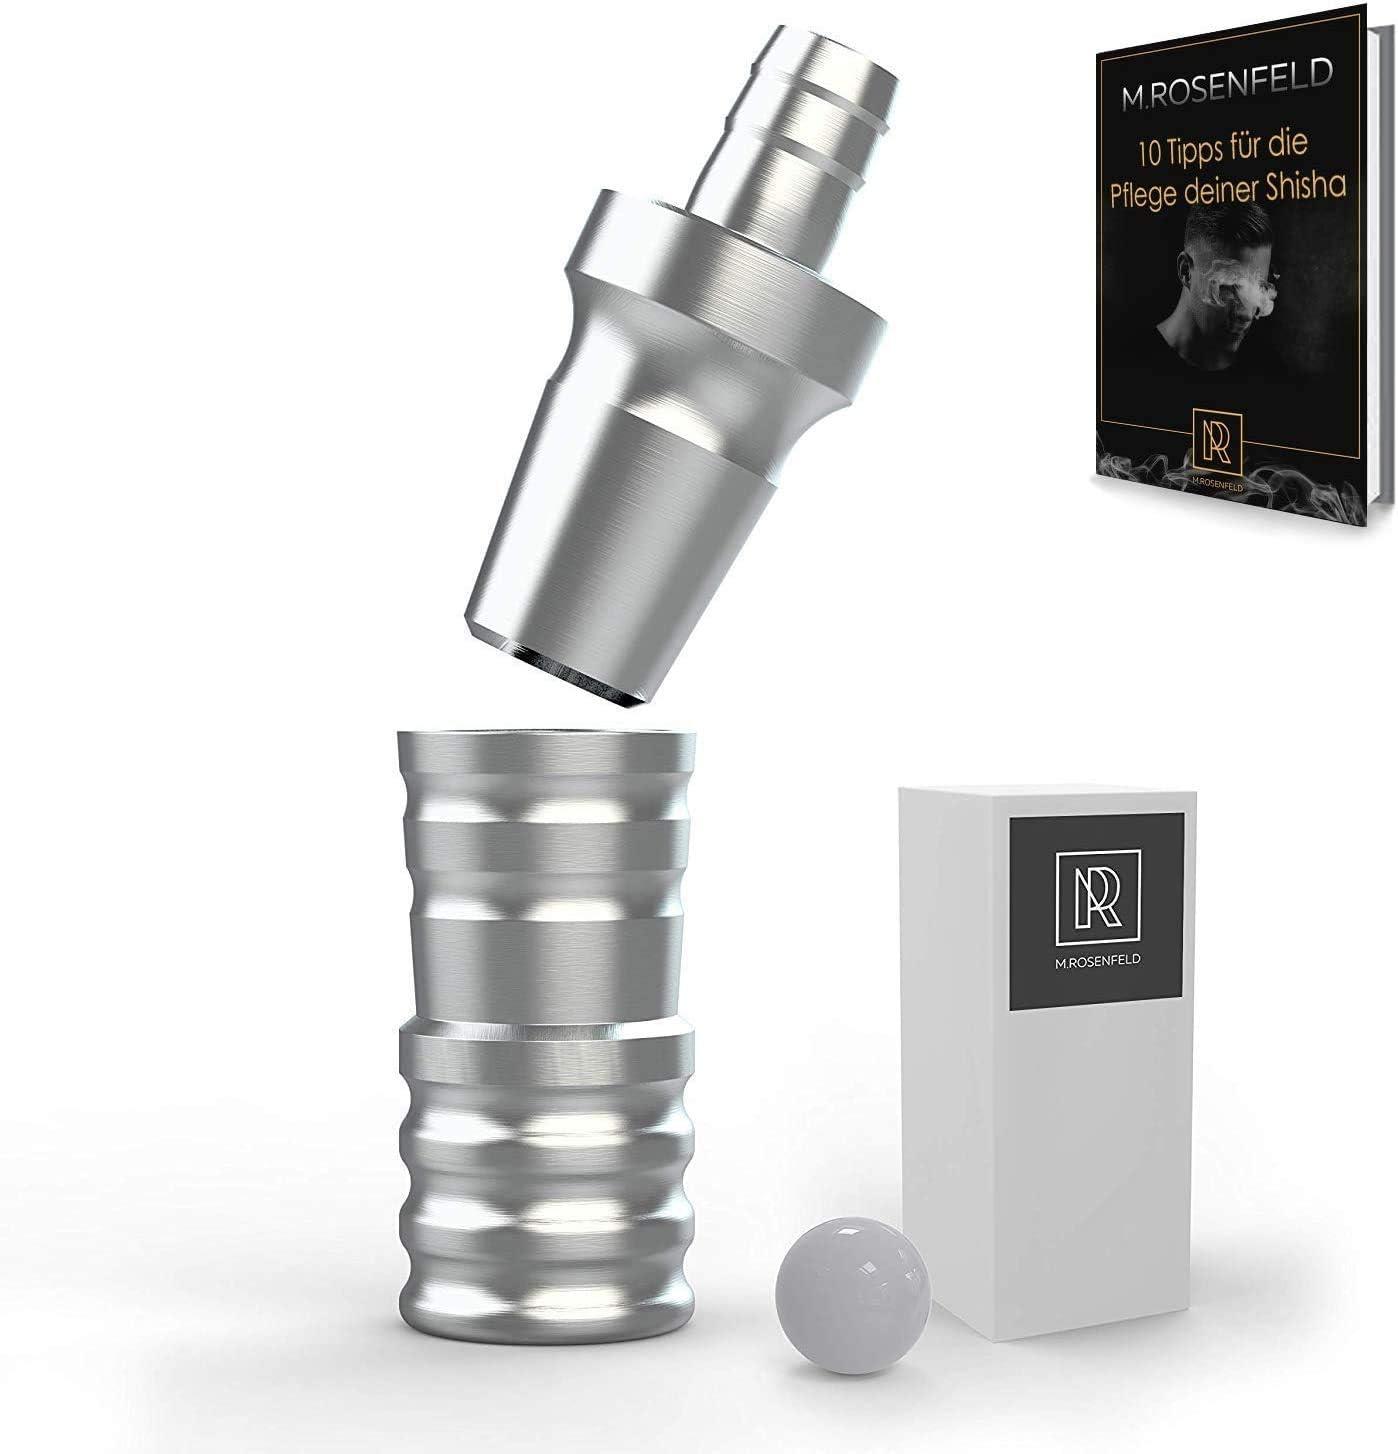 Adaptador para tubo de cachimba de aluminio 18/8, juego de 2 piezas con rosca M16x1, conector de manguera para Dilaw Shicha, Amy Deluxe Shisha, César, Kaya Shisha + libro de shisha